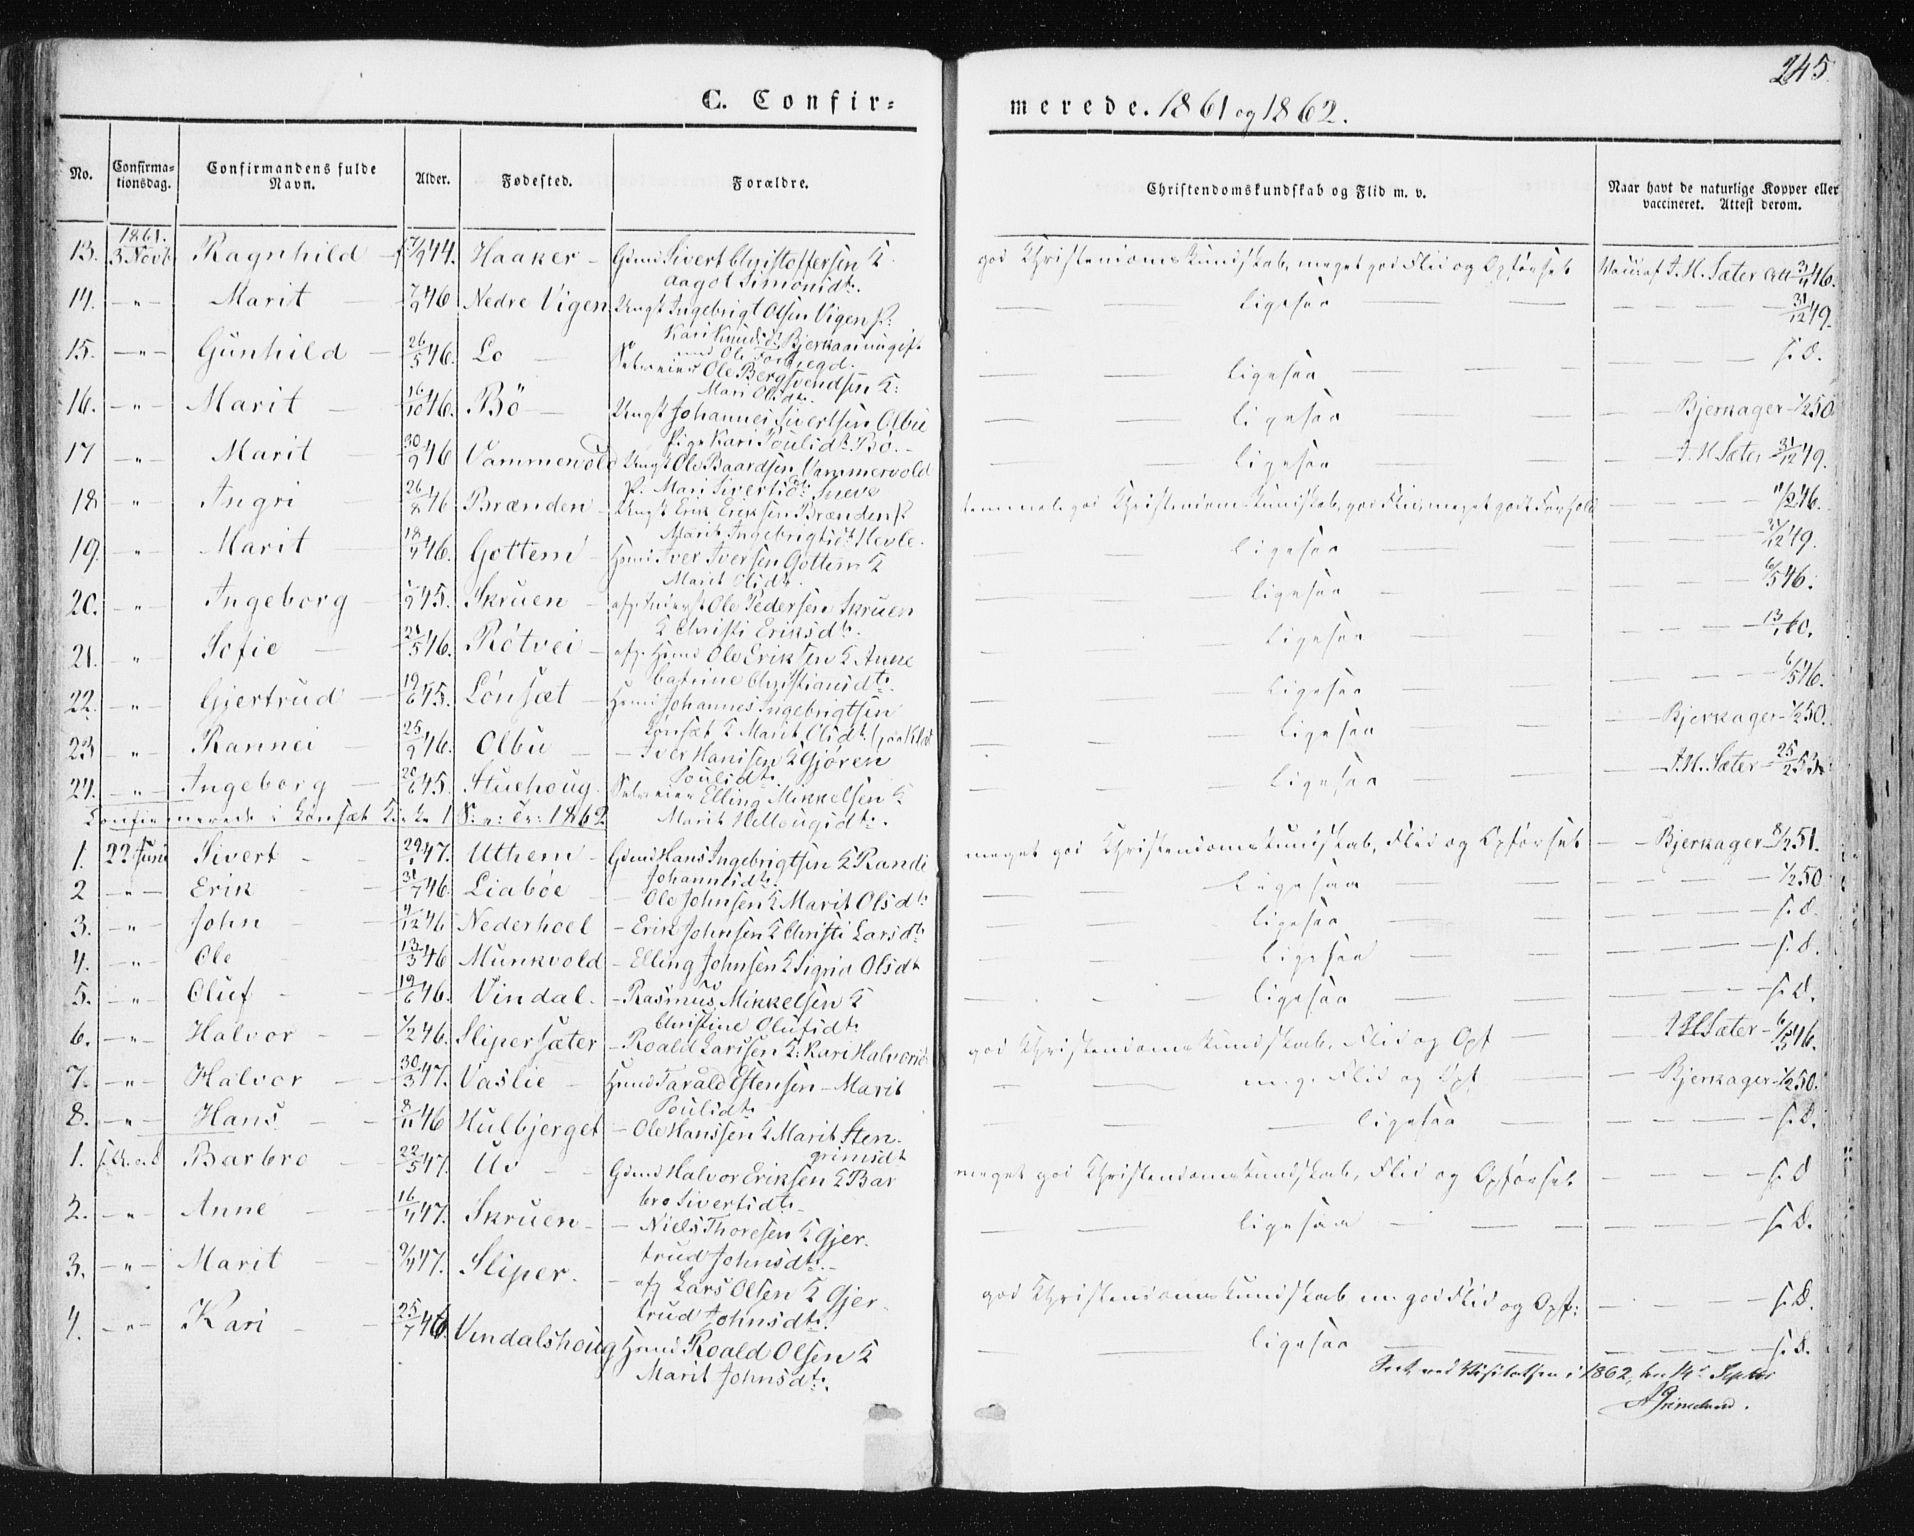 SAT, Ministerialprotokoller, klokkerbøker og fødselsregistre - Sør-Trøndelag, 678/L0899: Ministerialbok nr. 678A08, 1848-1872, s. 245